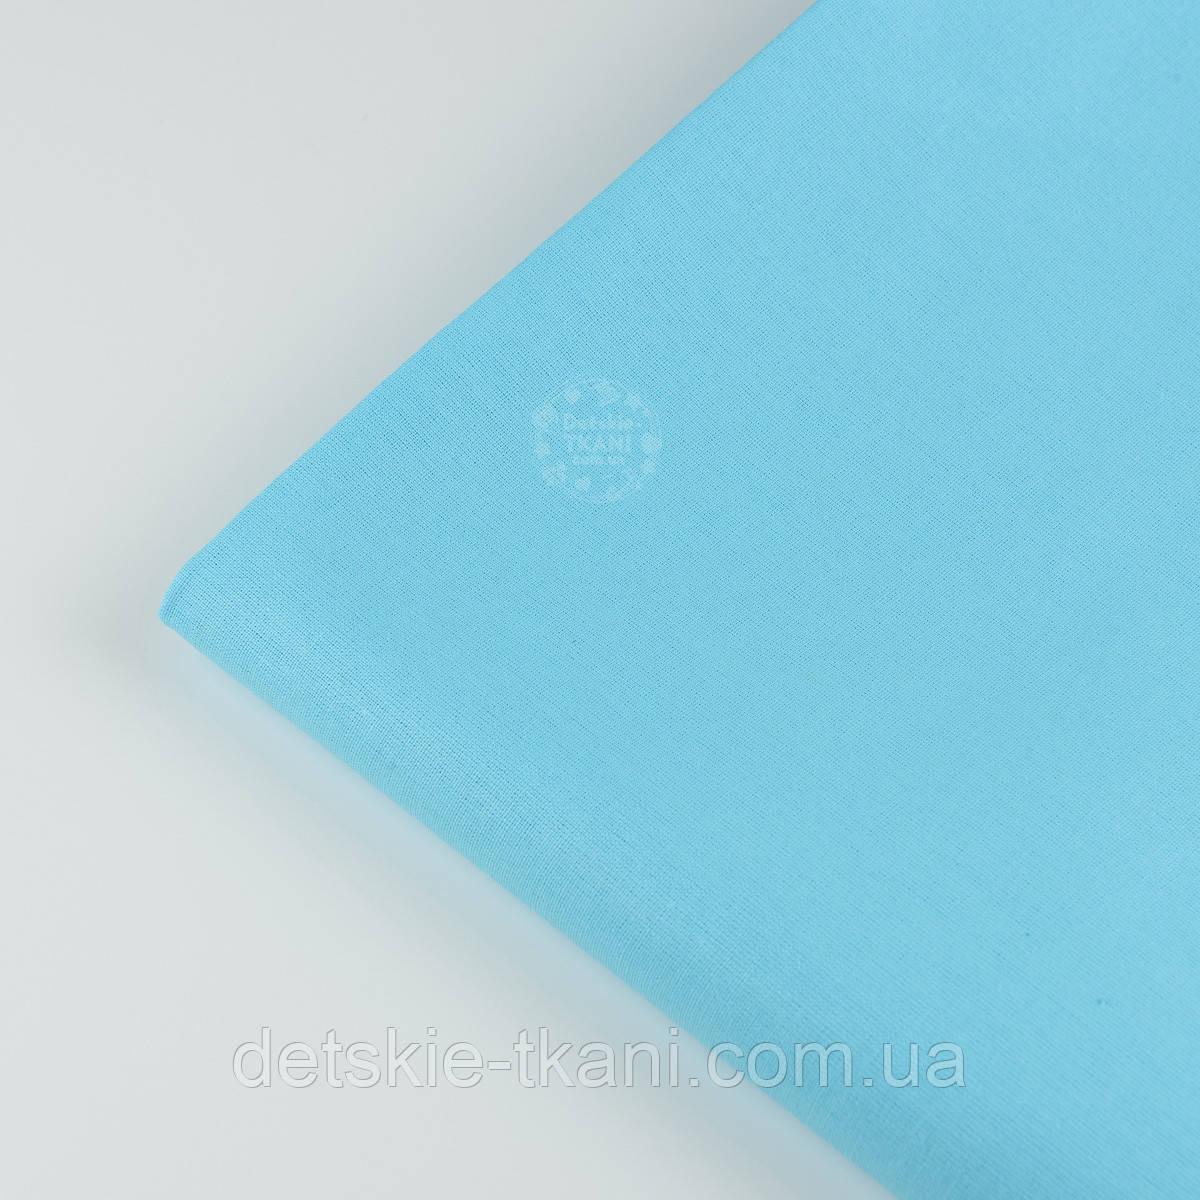 Лоскут ткани №874 однотонная небесно-голубого цвета, размер 35*78 см